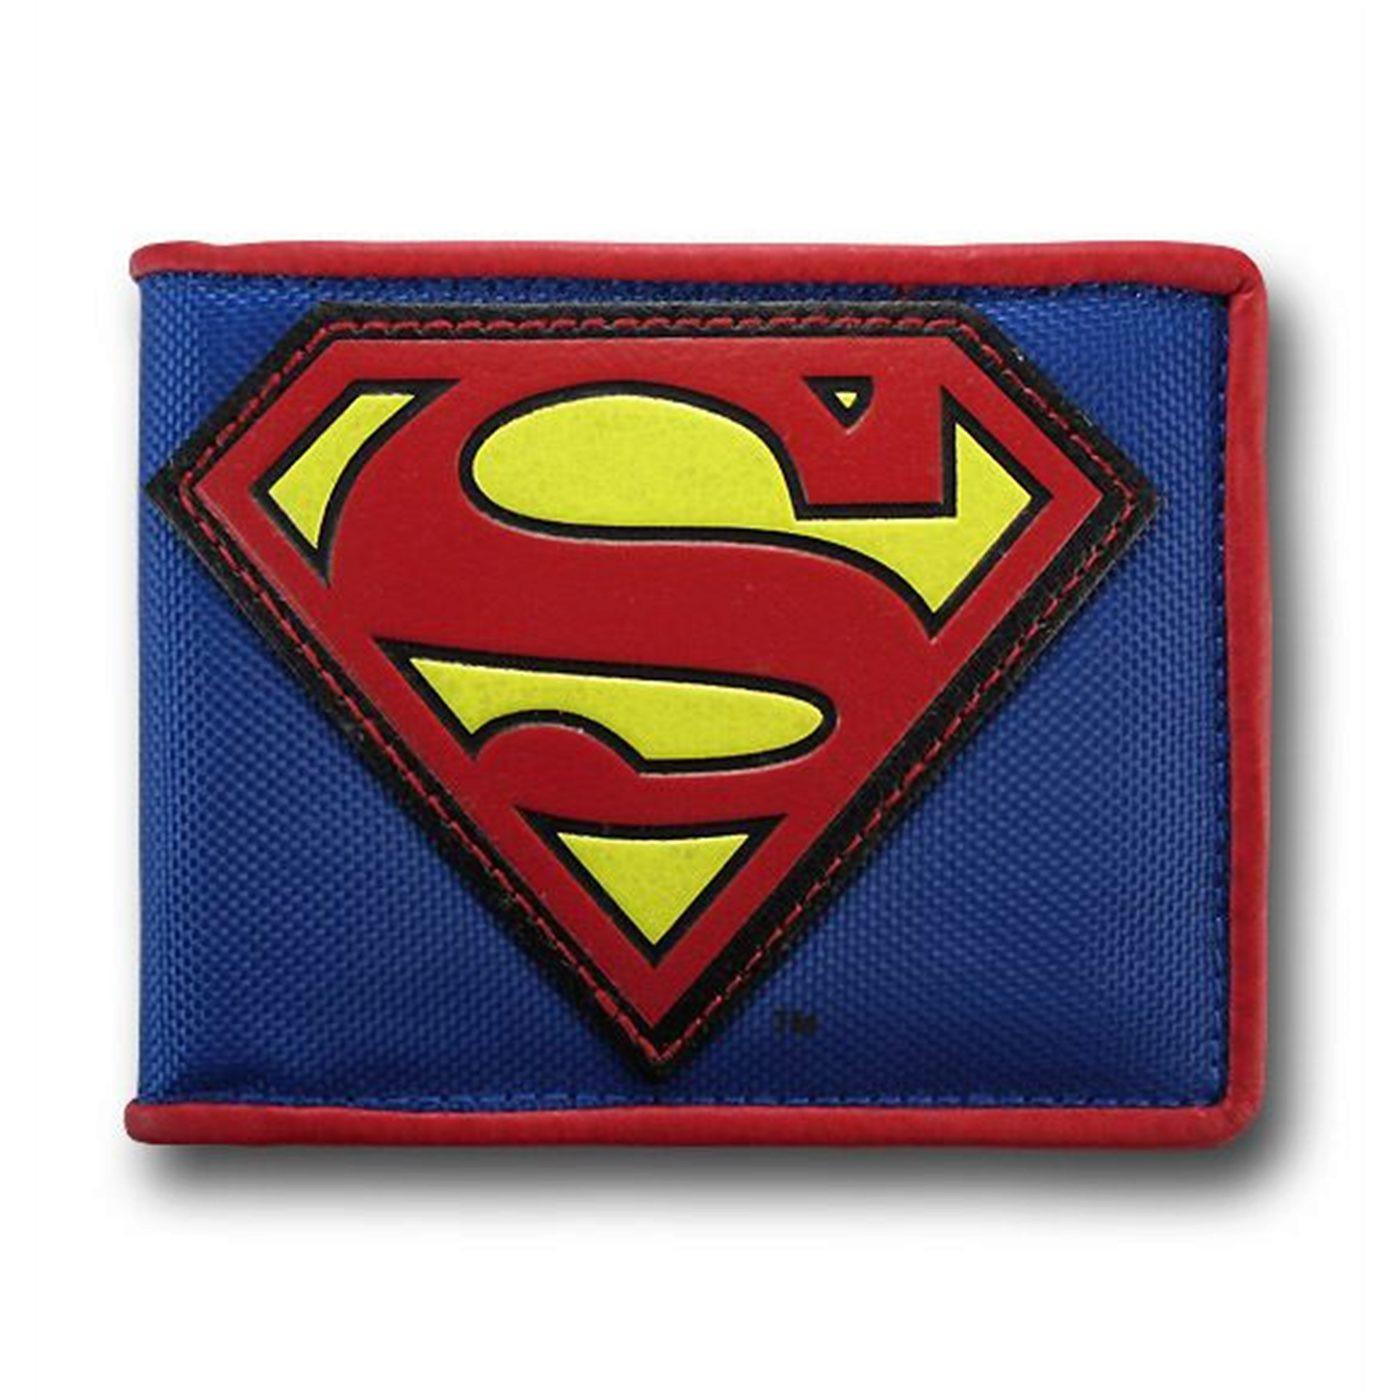 Superman Applique Symbol Canvas Wallet